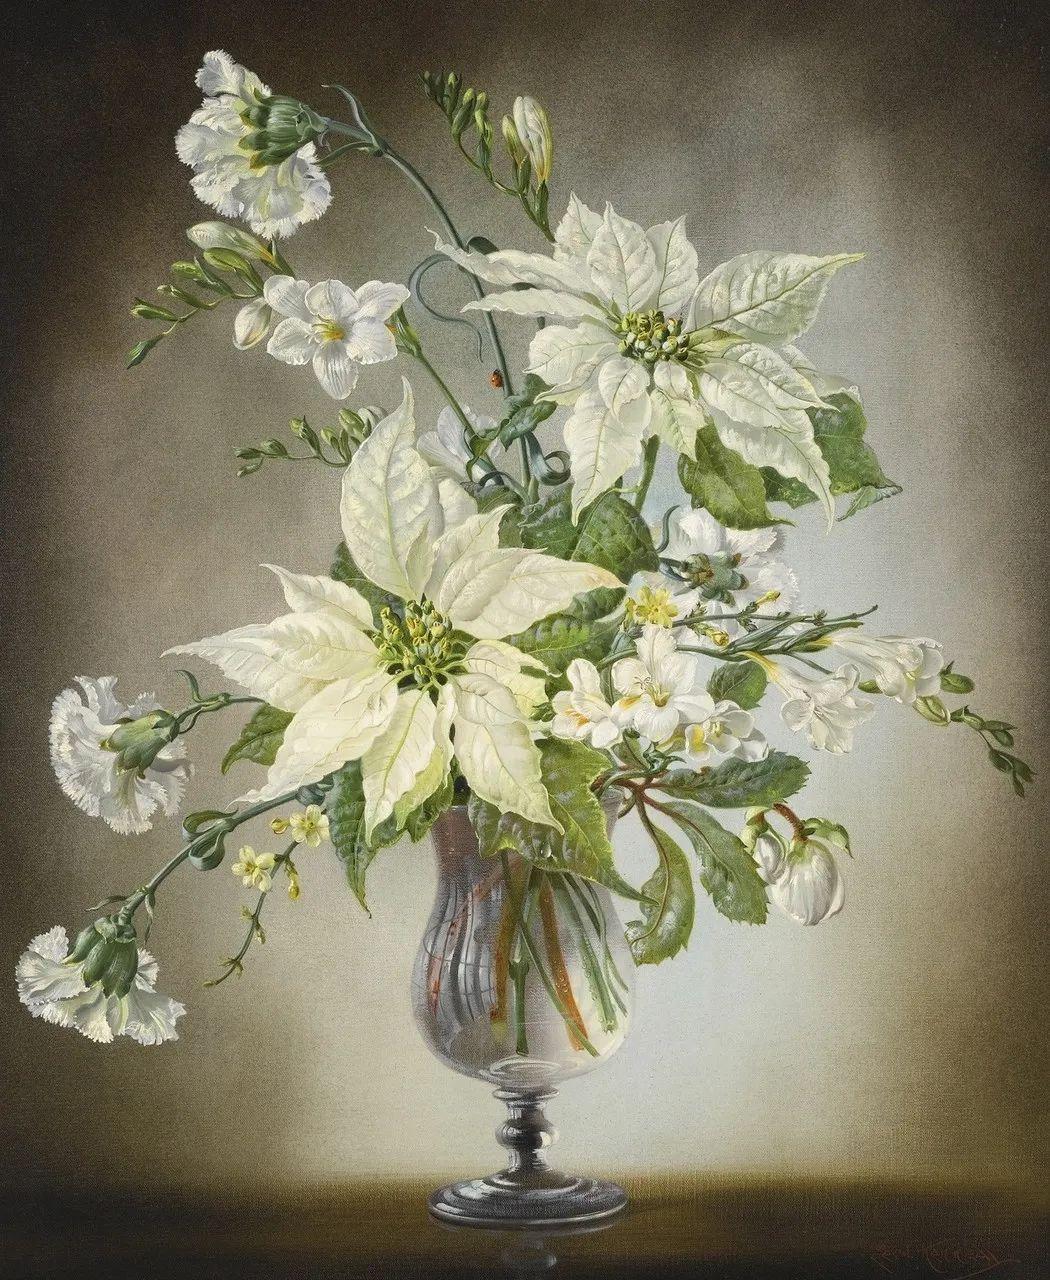 英国最伟大的花卉画家之一,艺术家塞西尔·肯尼迪插图27